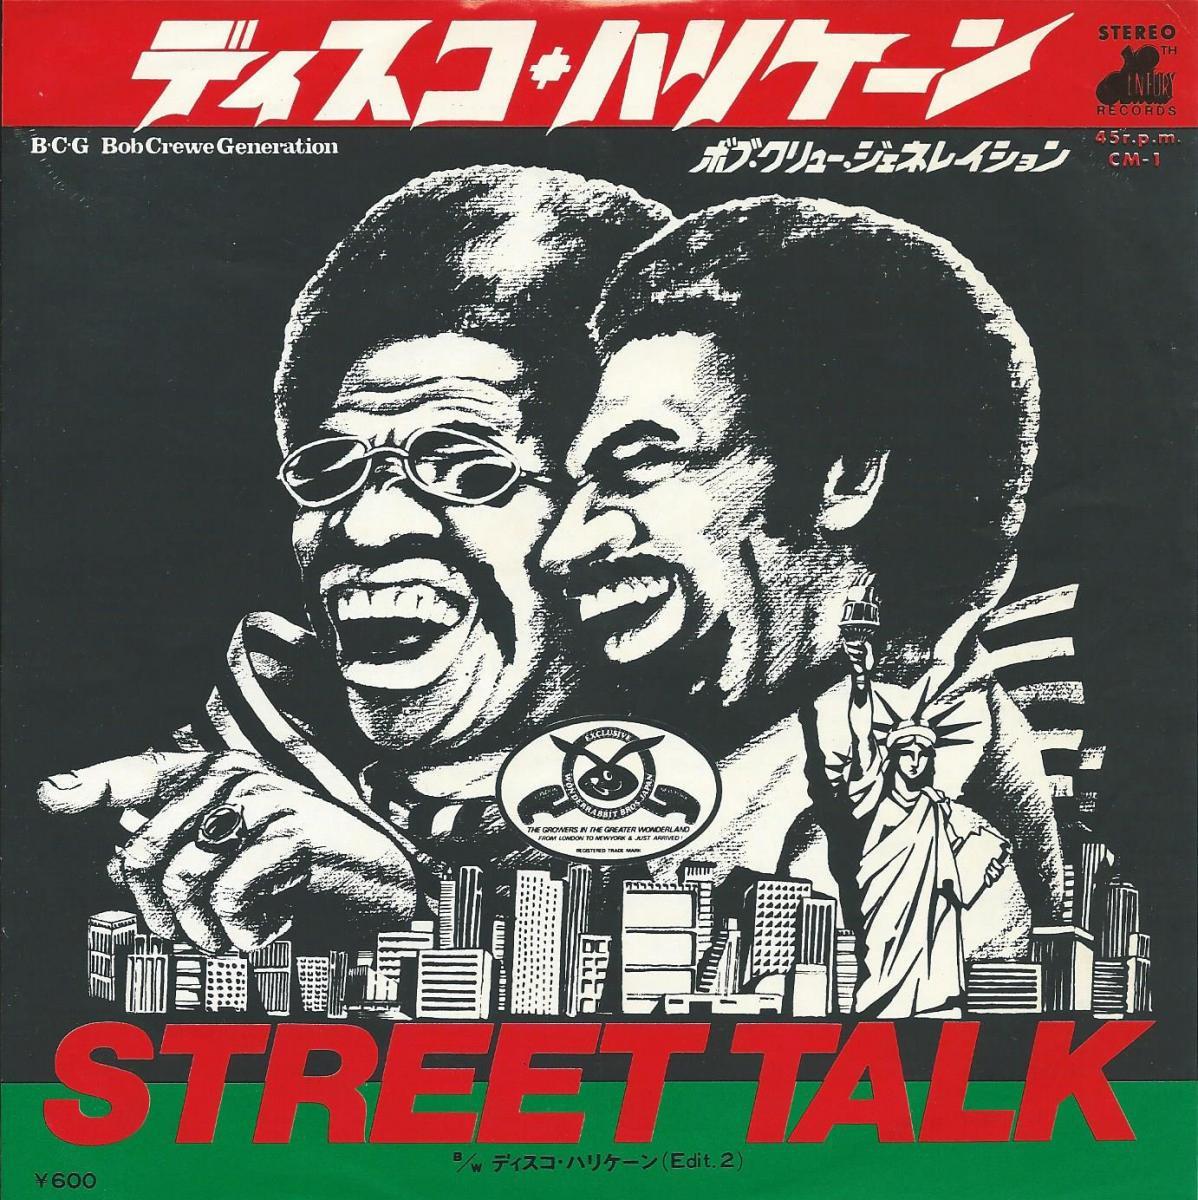 ボブ・クリュー・ジェネレイション BOB CREWE GENERATION / ディスコ・ハリケーン STREET TALK (7